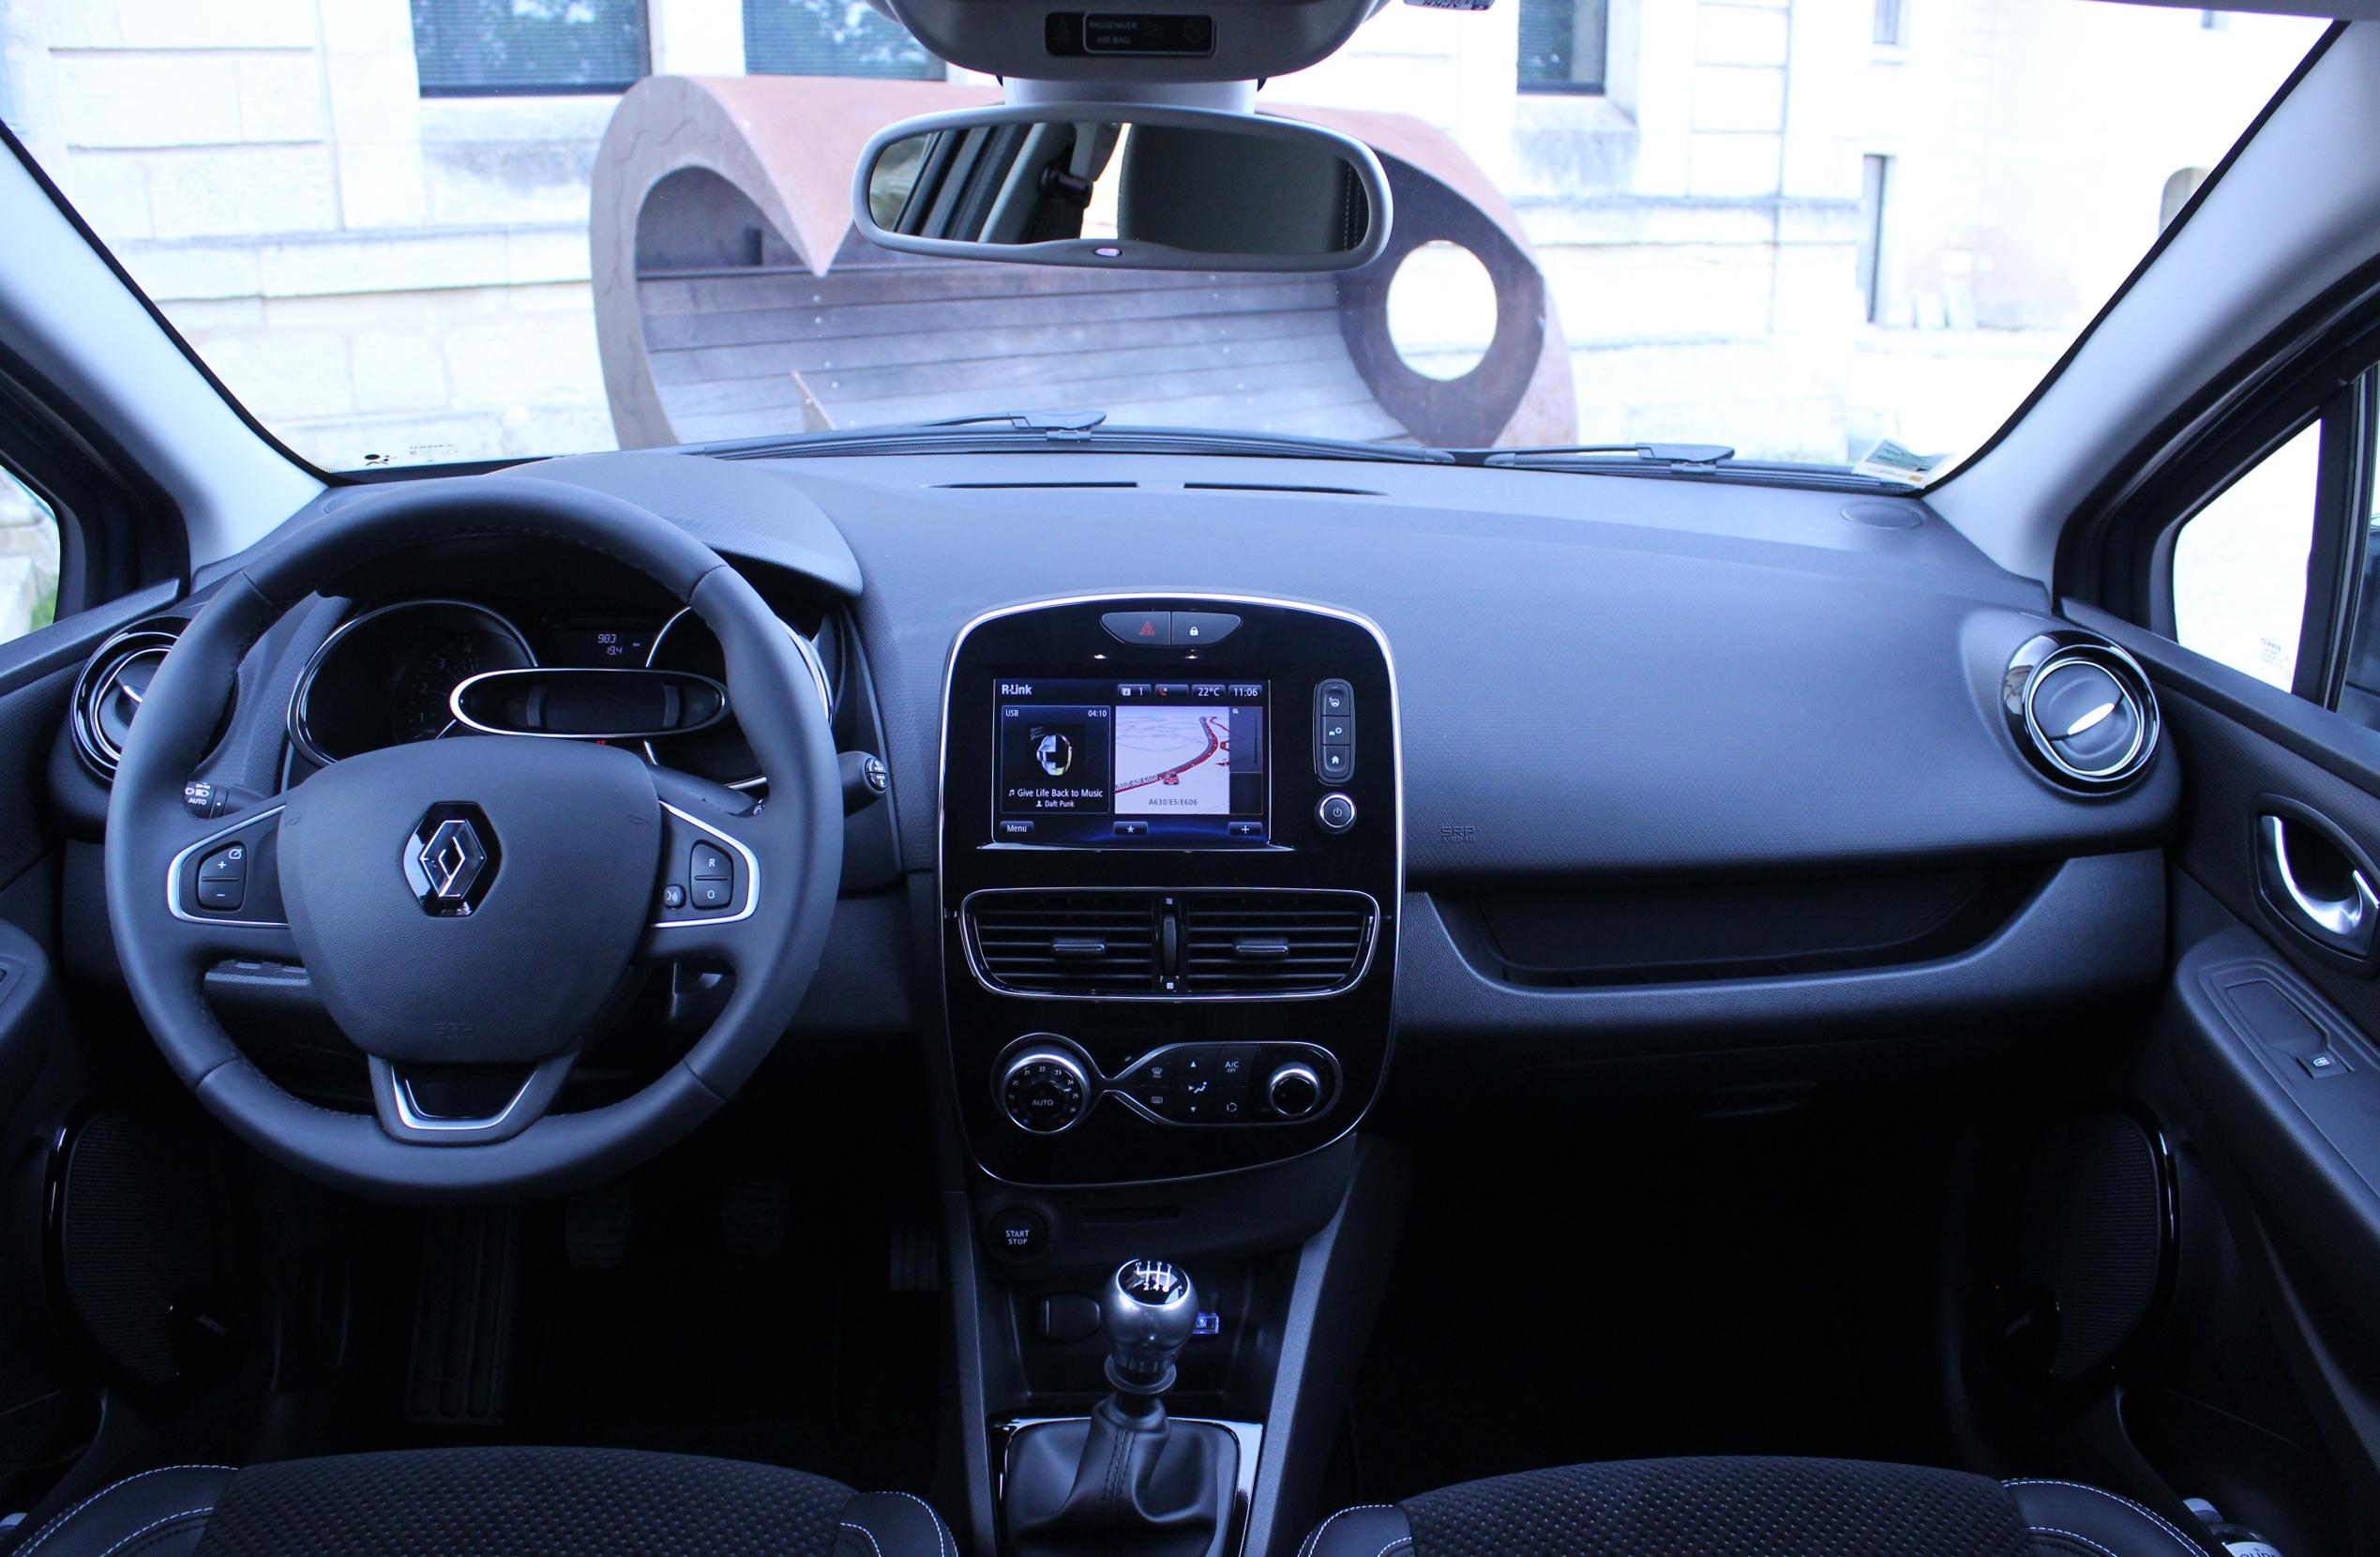 Essai vid o renault clio 4 restyl e confirmation de for Renault clio 4 interieur